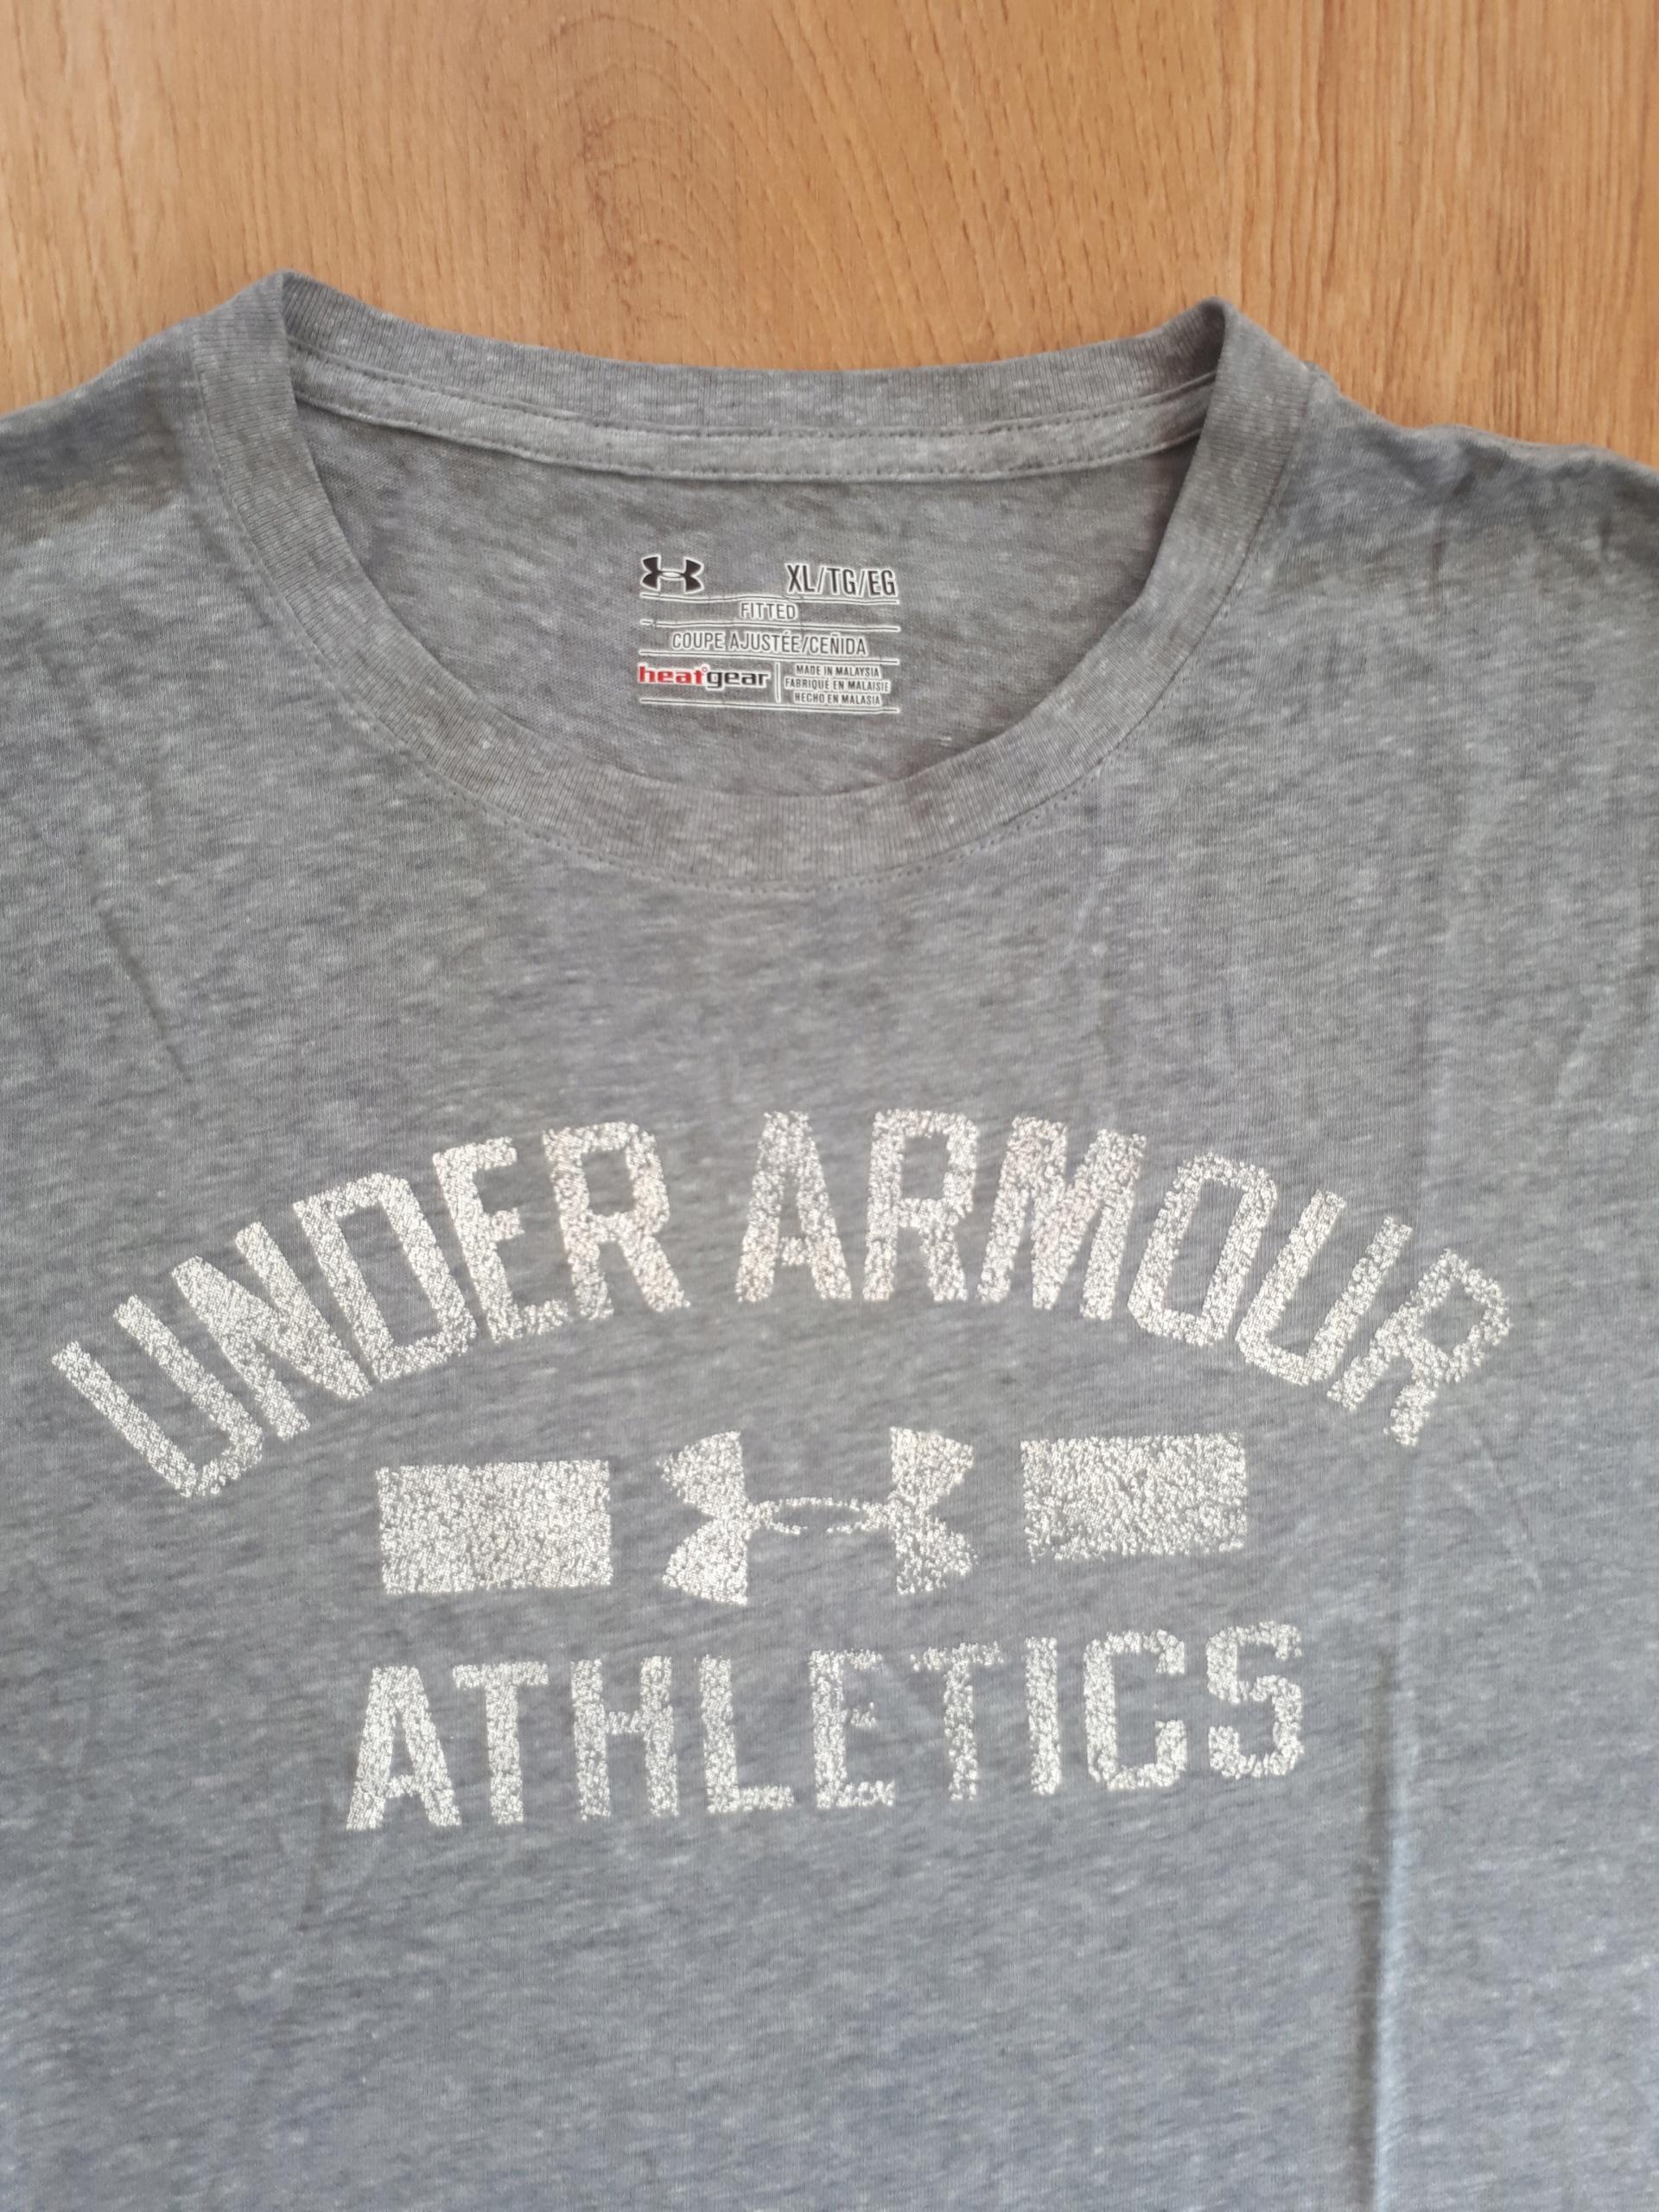 0825b5856 Męska koszulka Under Armour rozmiar L - 7481963179 - oficjalne ...